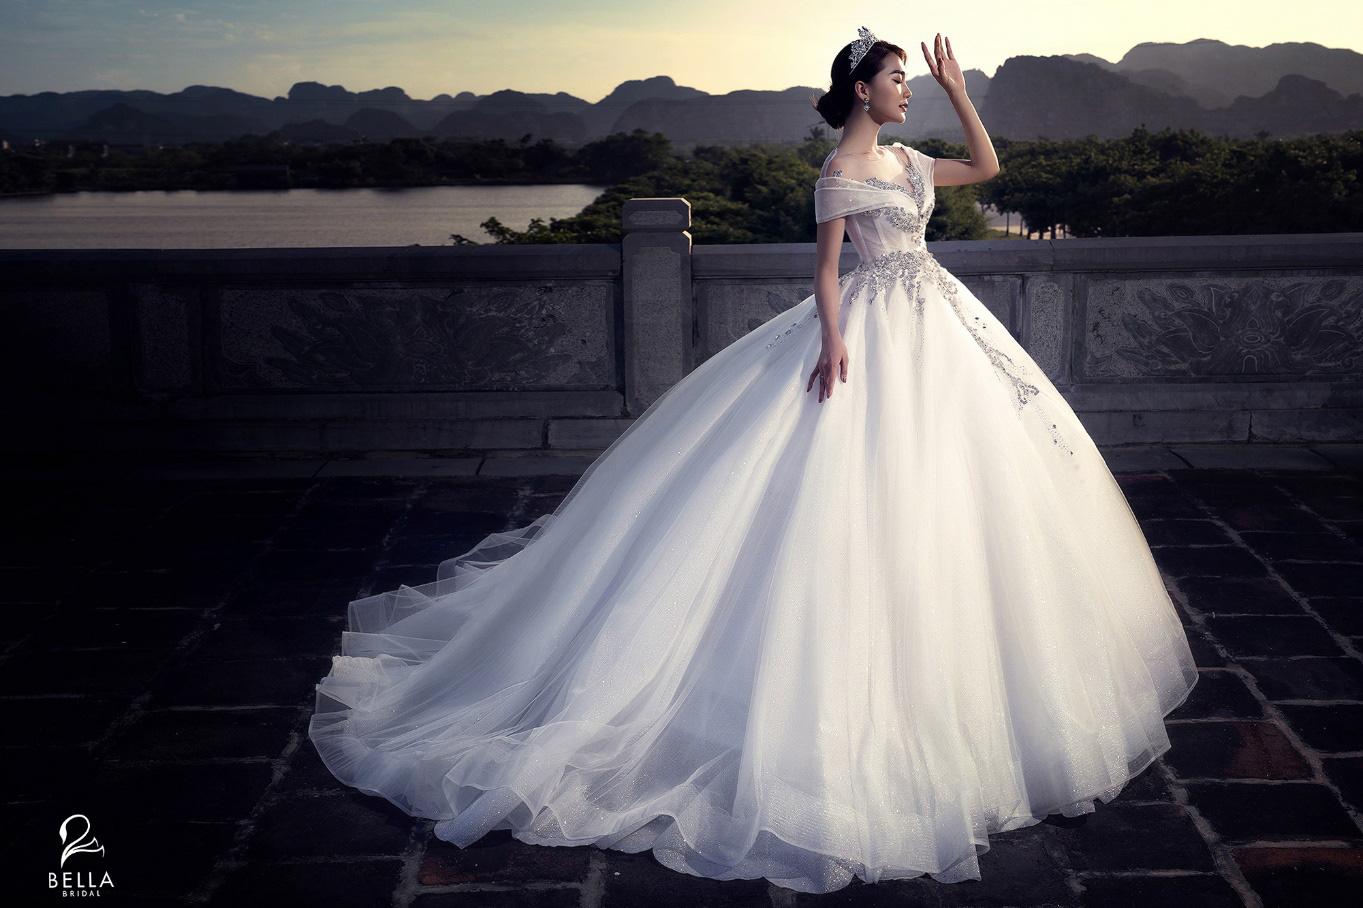 Hoa hậu ảnh Ngọc Nữ diện váy cưới kim cương trị giá gần 1 tỷ đồng hóa công chúa lộng lẫy tại sự kiện khai trương - Ảnh 1.